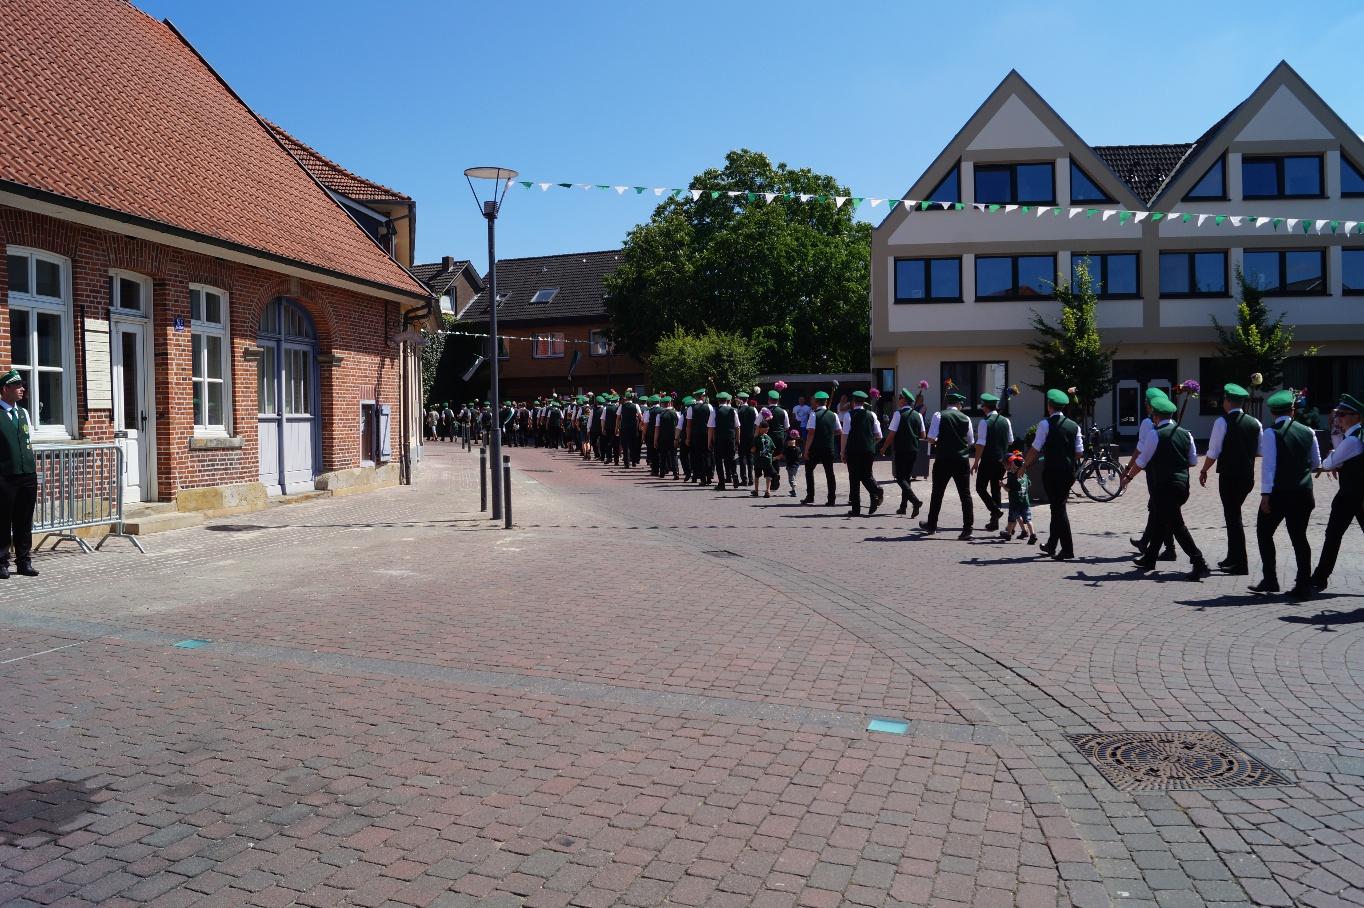 Marsch durch unser Dorf